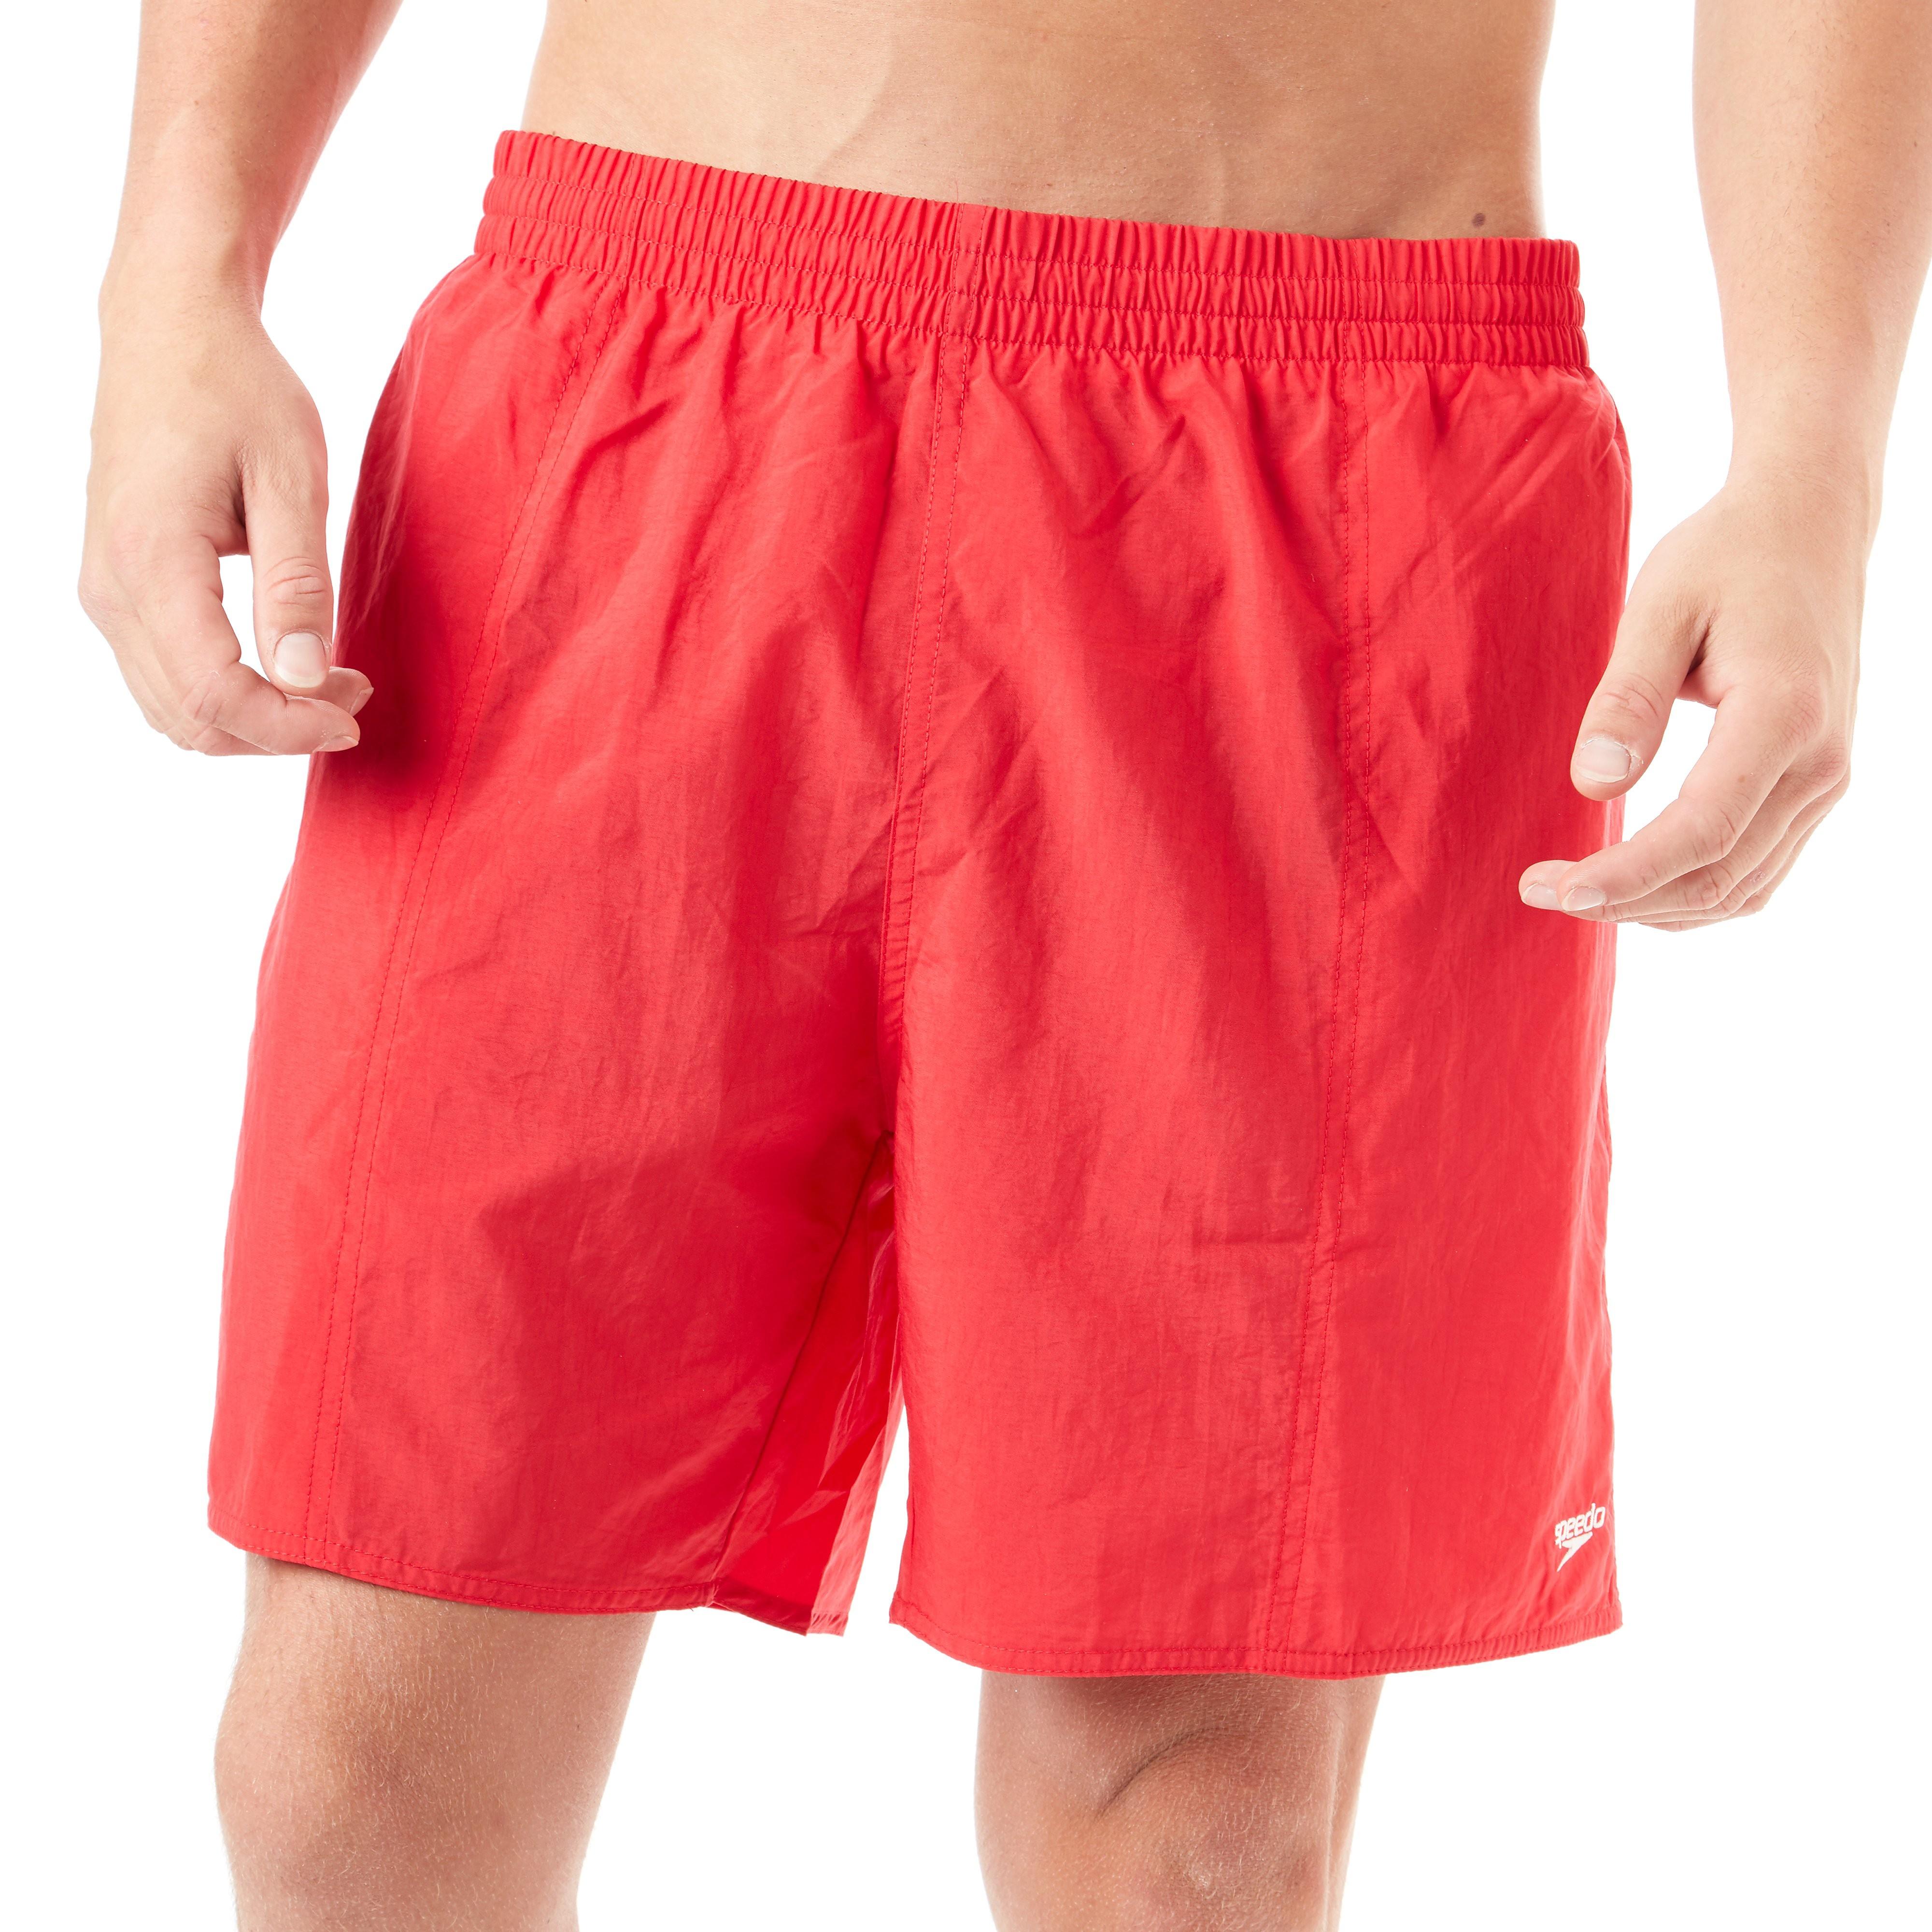 Speedo Solid Leisure 16 Inch Water Shorts